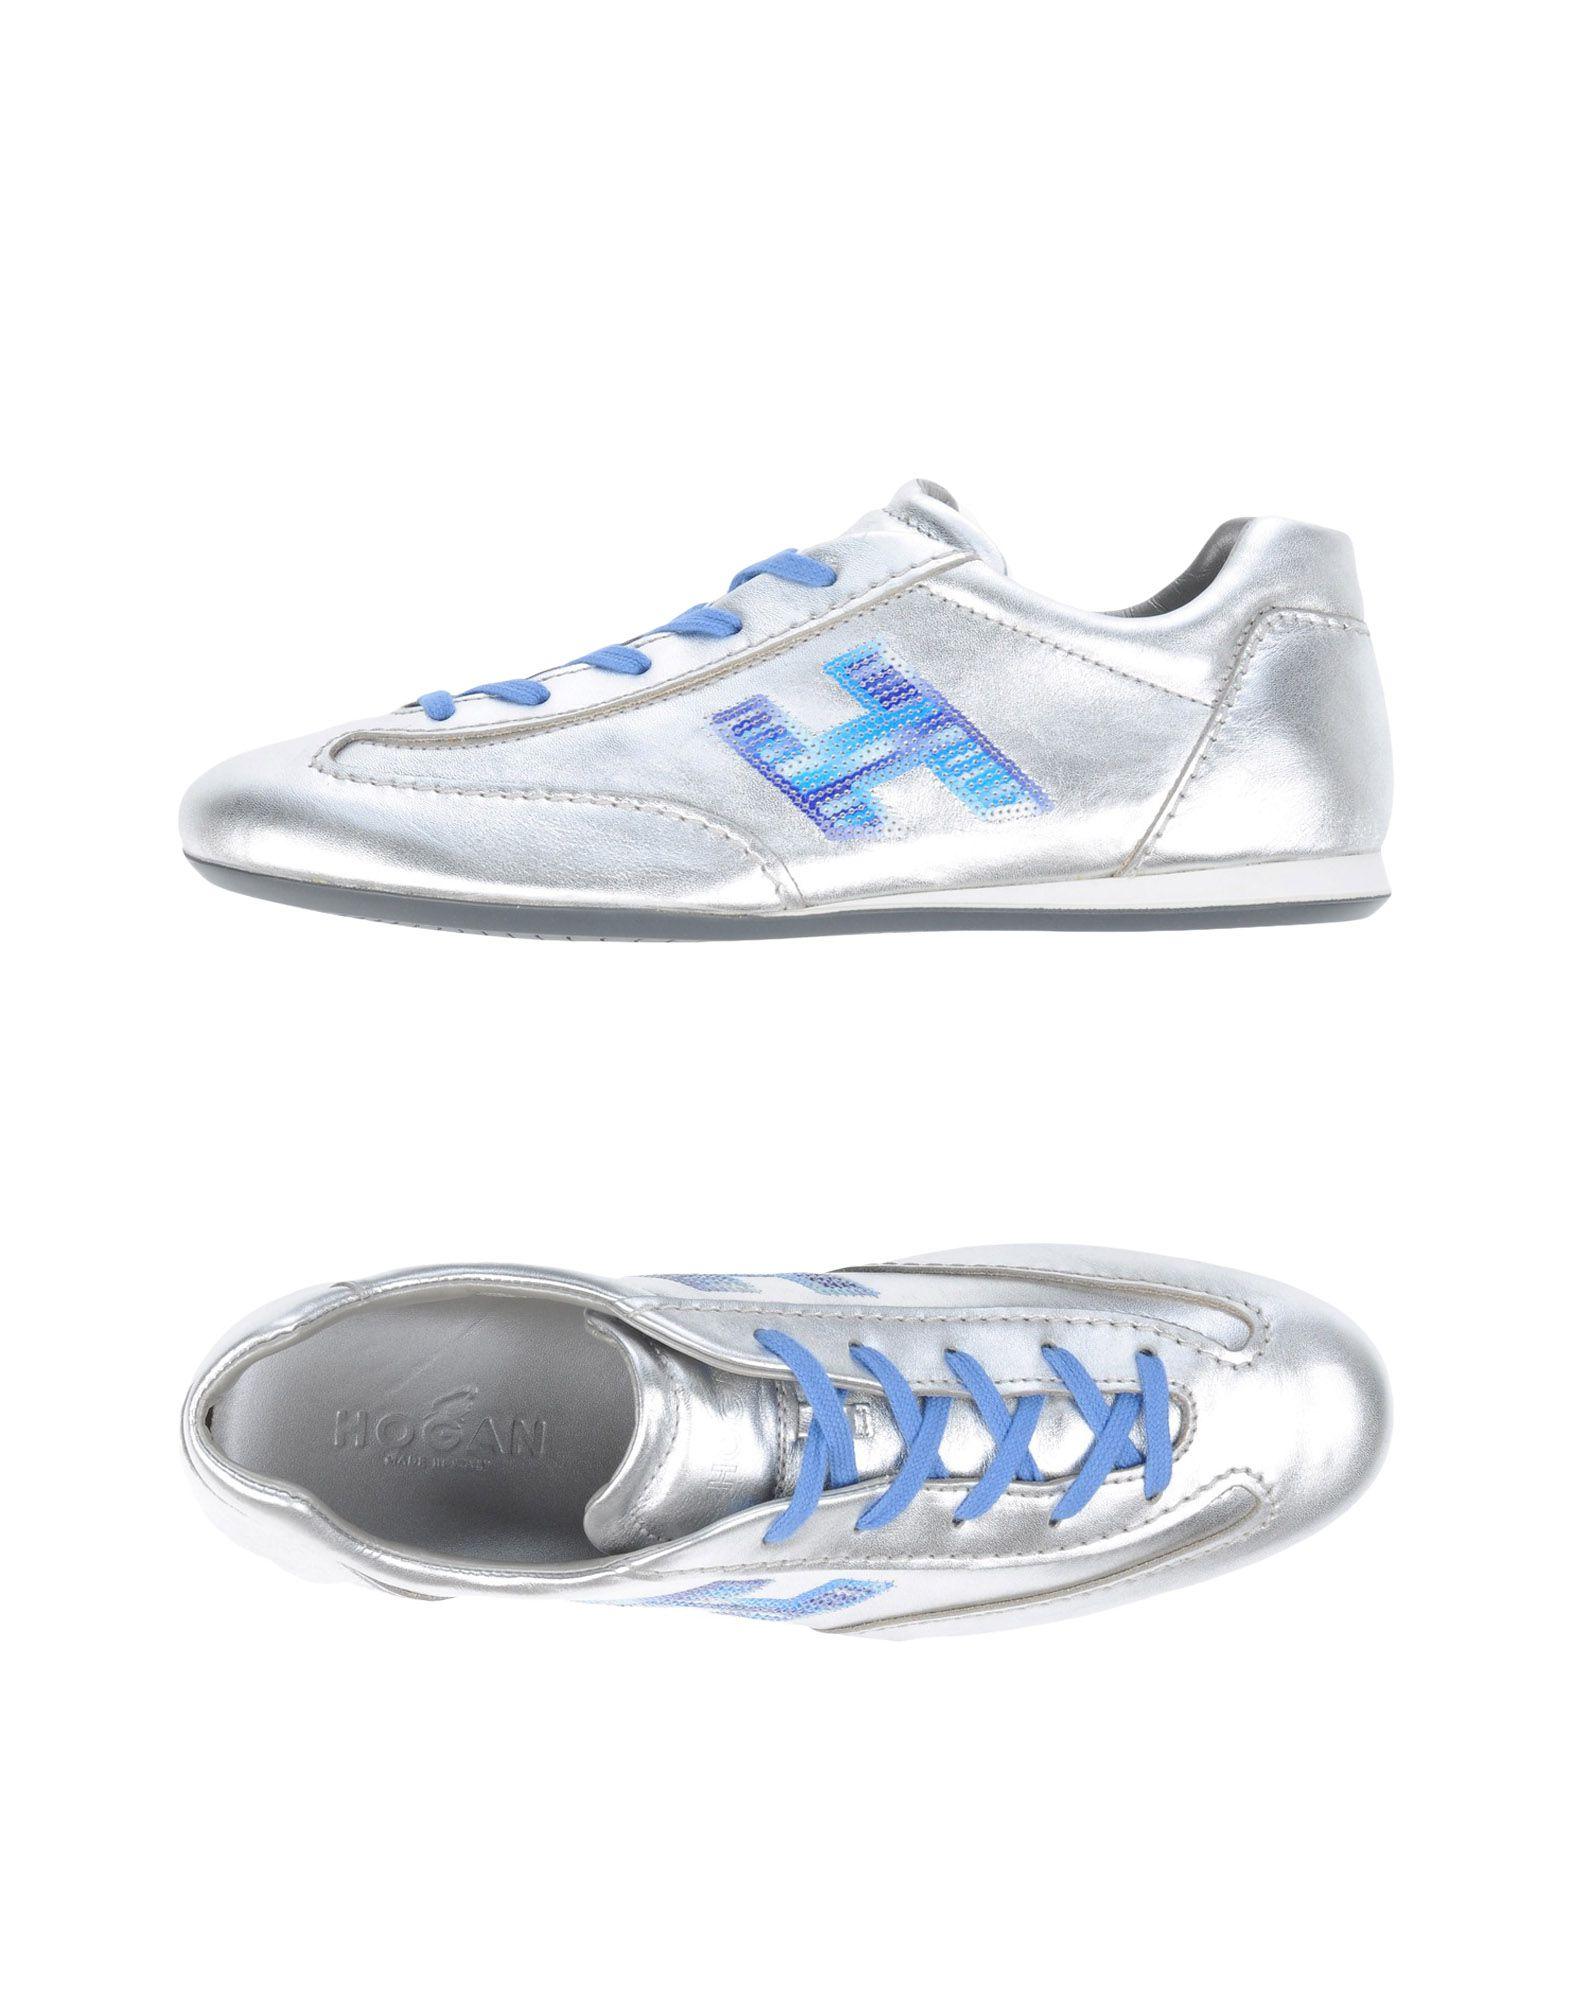 Hogan Sneakers Sneakers Sneakers Damen  11272985FWGut aussehende strapazierfähige Schuhe 8105b3